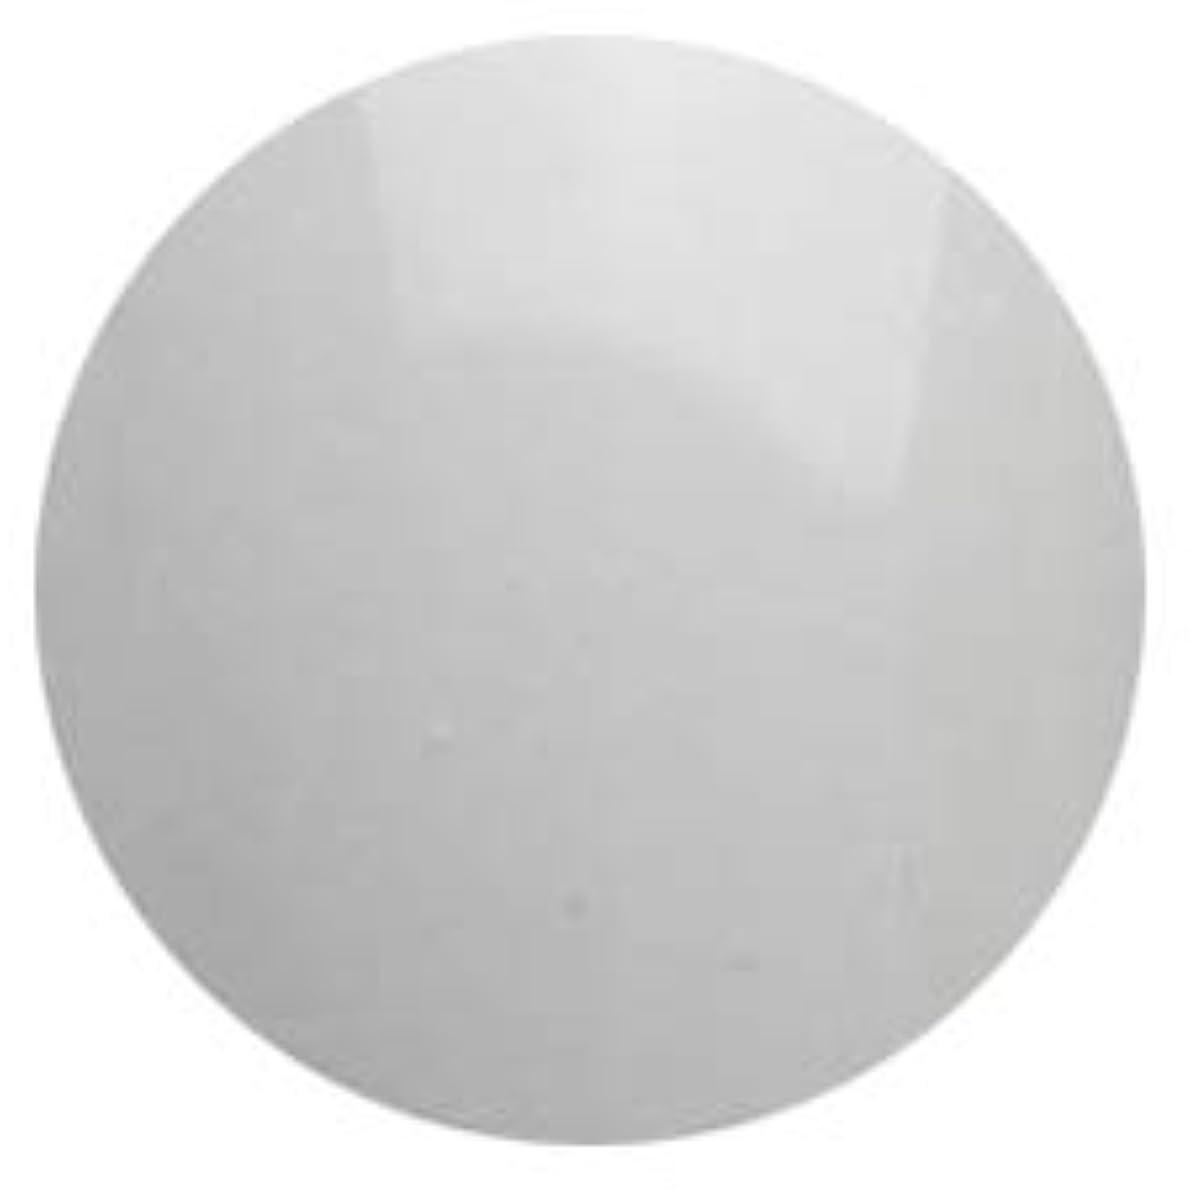 アブストラクト現金拷問T-GEL COLLECTION カラージェル D121 ミルキーホワイト 4ml